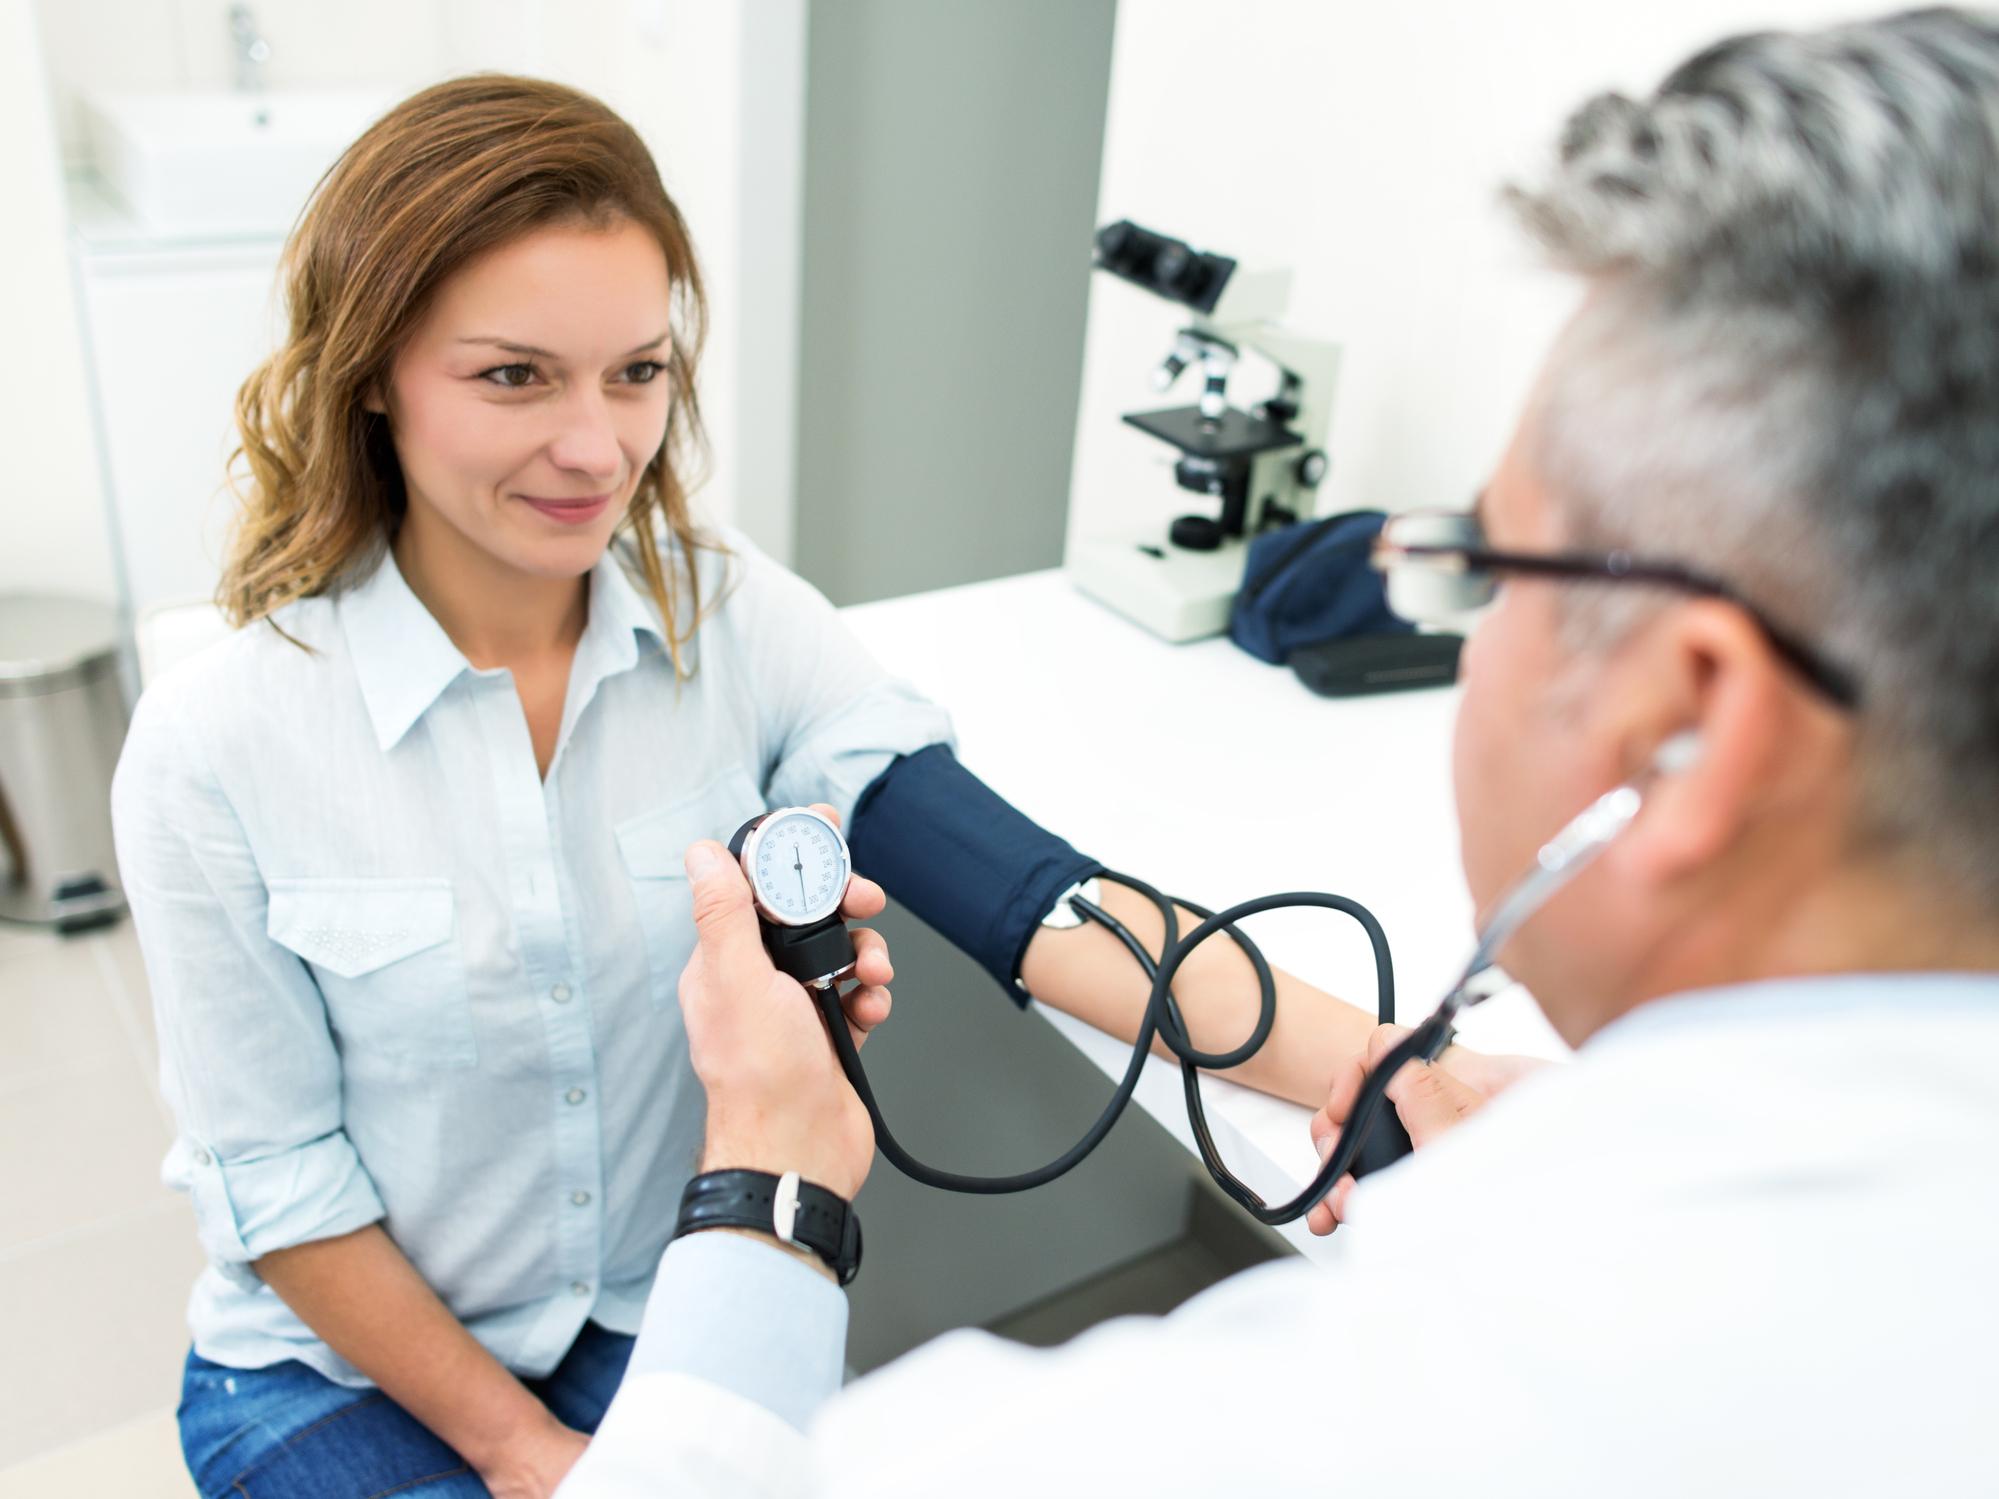 bischofite magas vérnyomás esetén egészségügyi magas vérnyomás elleni gyógyszerek